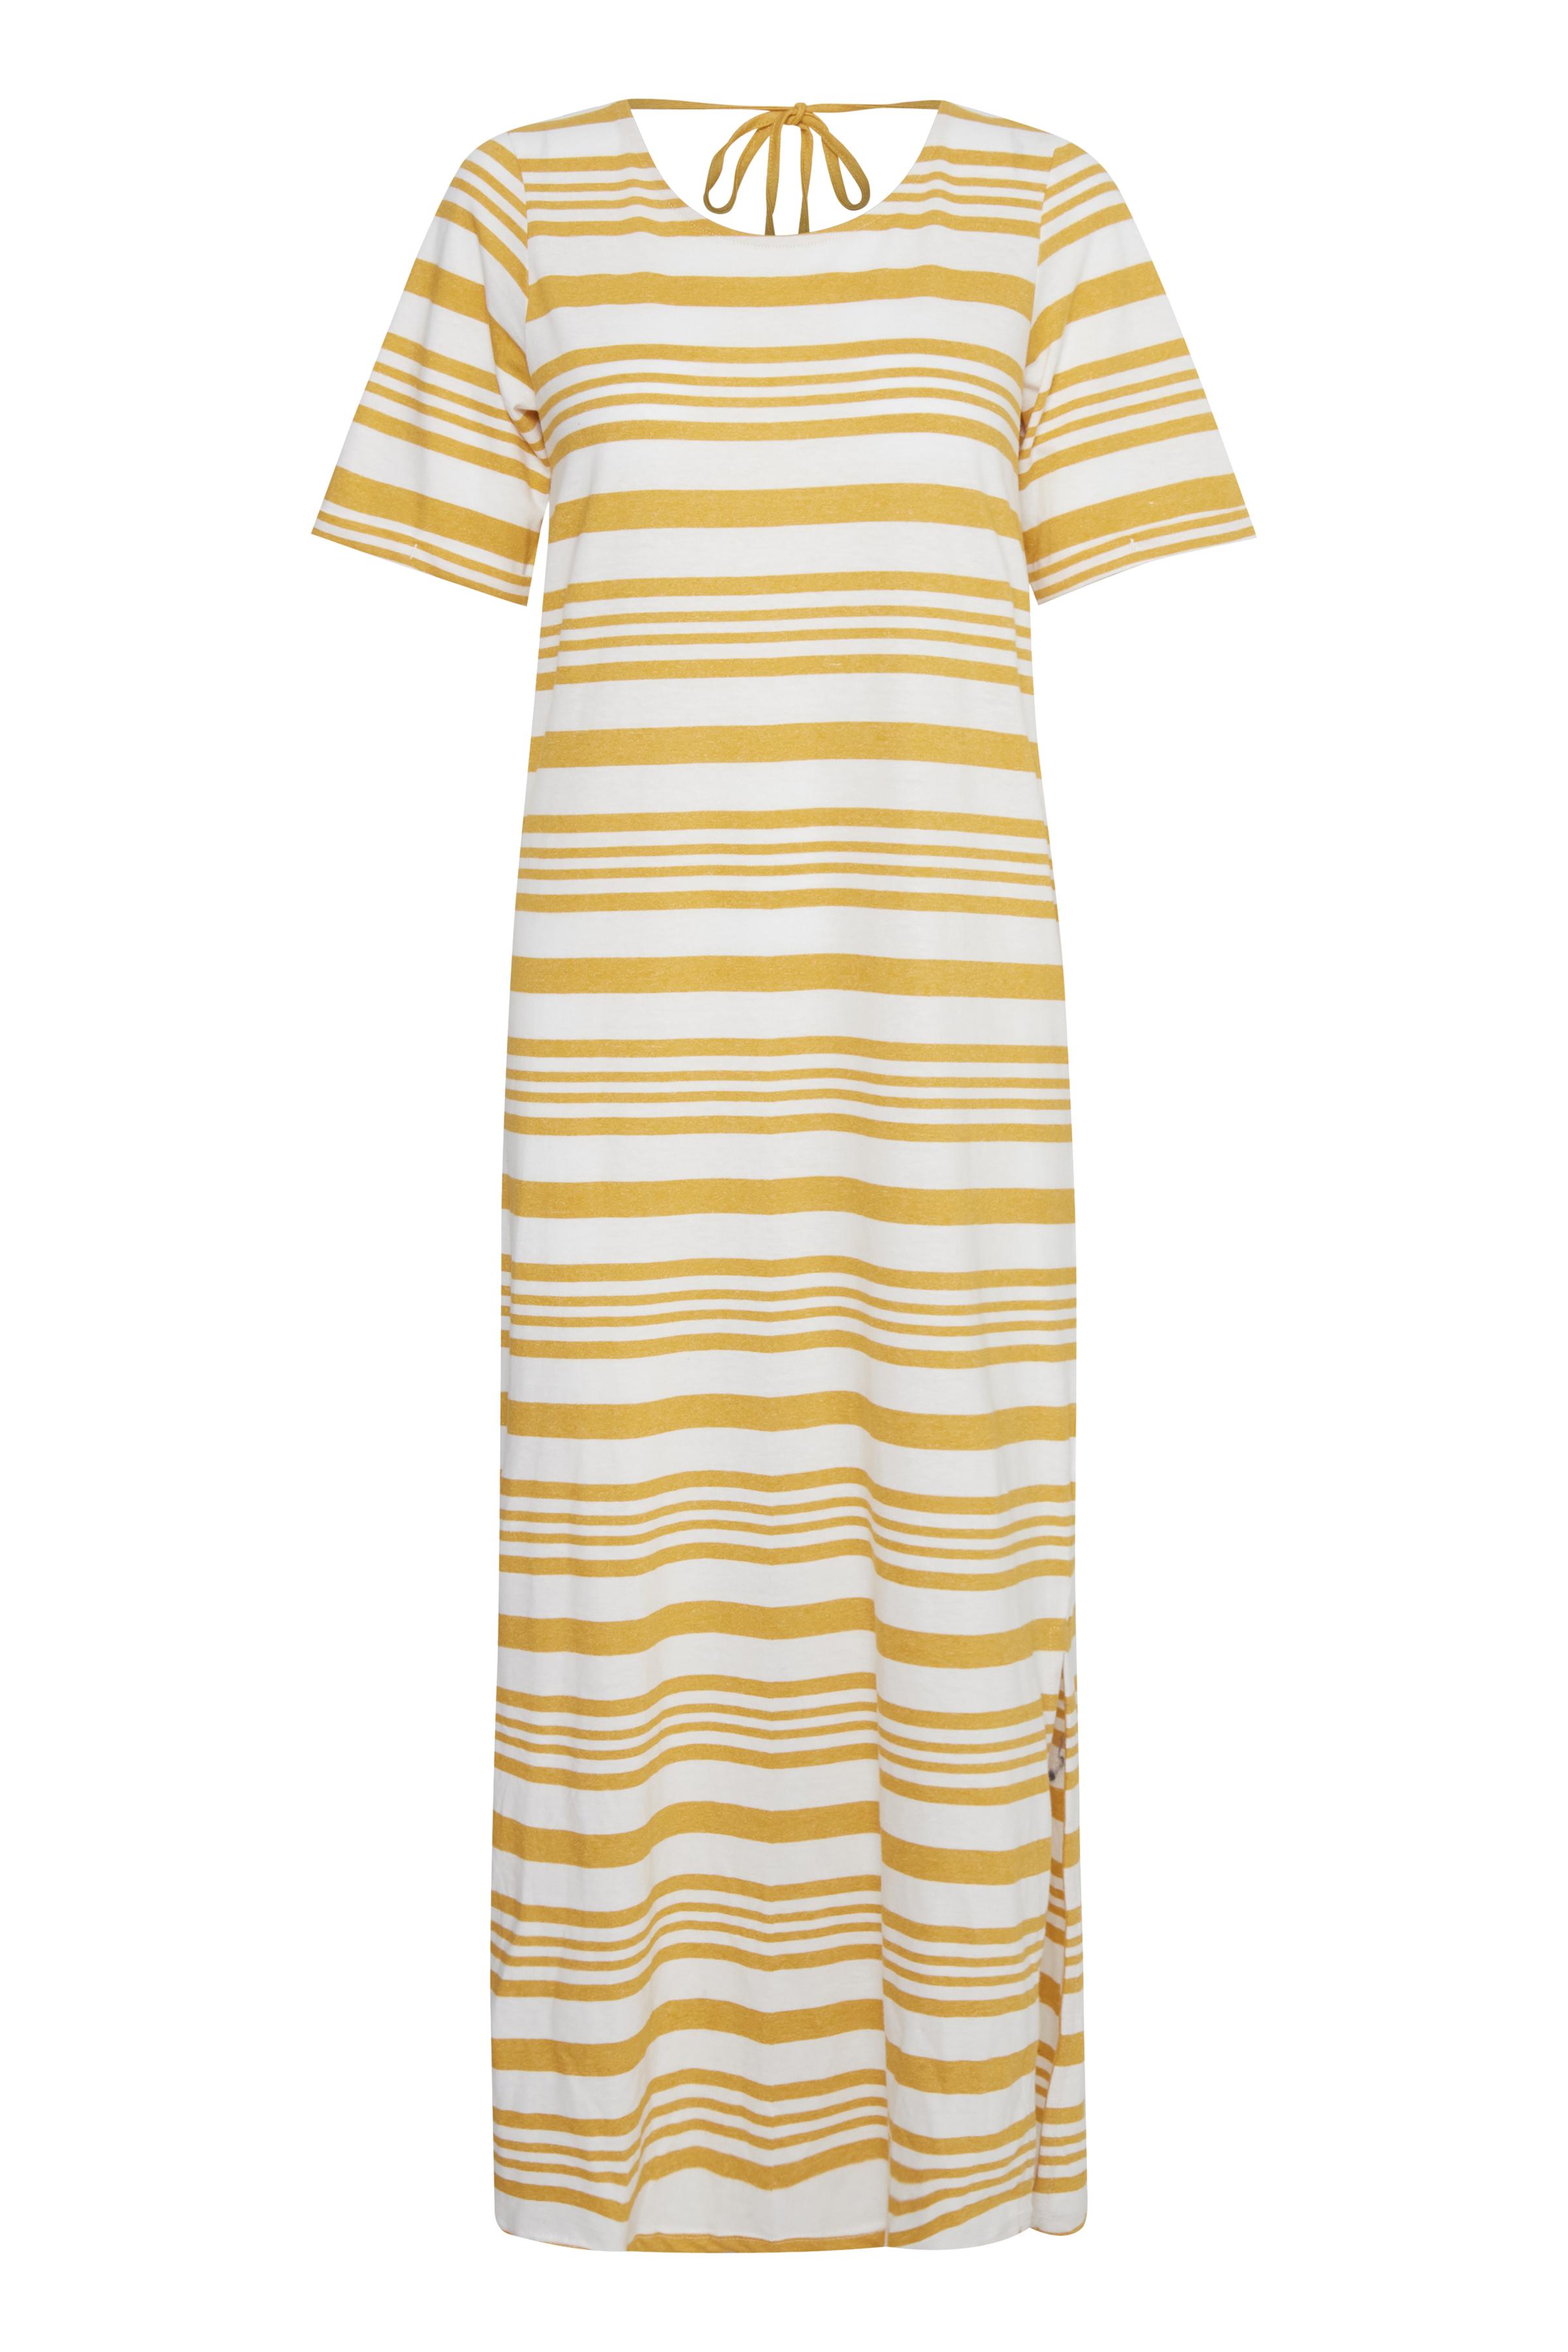 Wide Stripe Mango Mojito Jerseykjole – Køb Wide Stripe Mango Mojito Jerseykjole fra str. XS-XL her